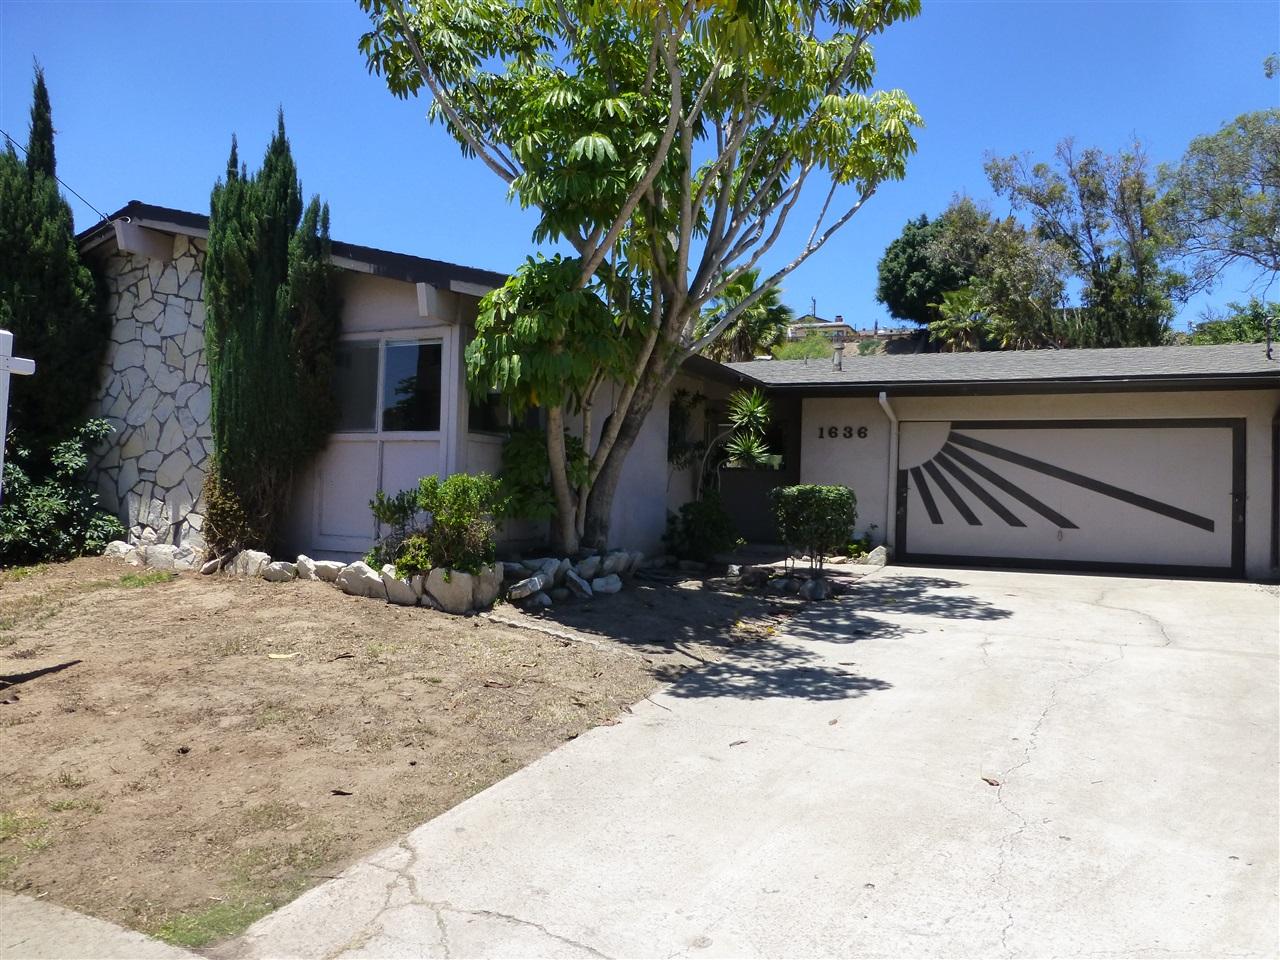 1636 El Prado, Lemon Grove, CA 91945